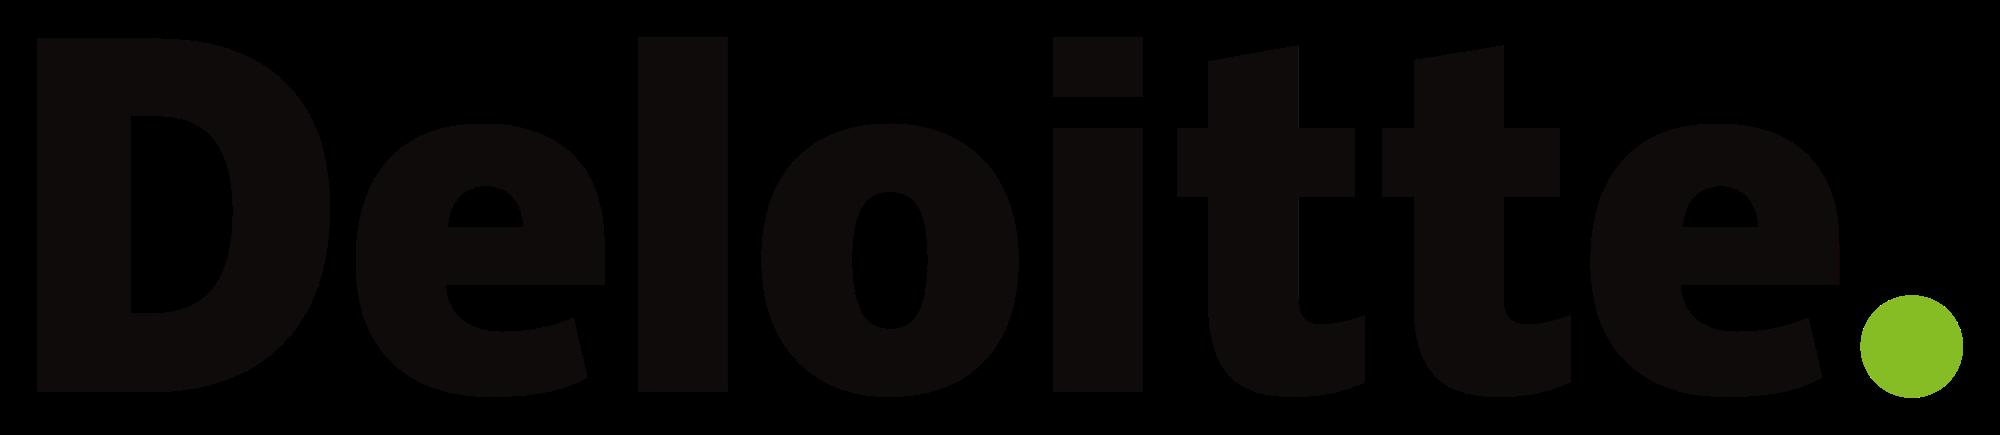 Deloitte in Italia continua a crescere: 4200 assunzioni nel 2022